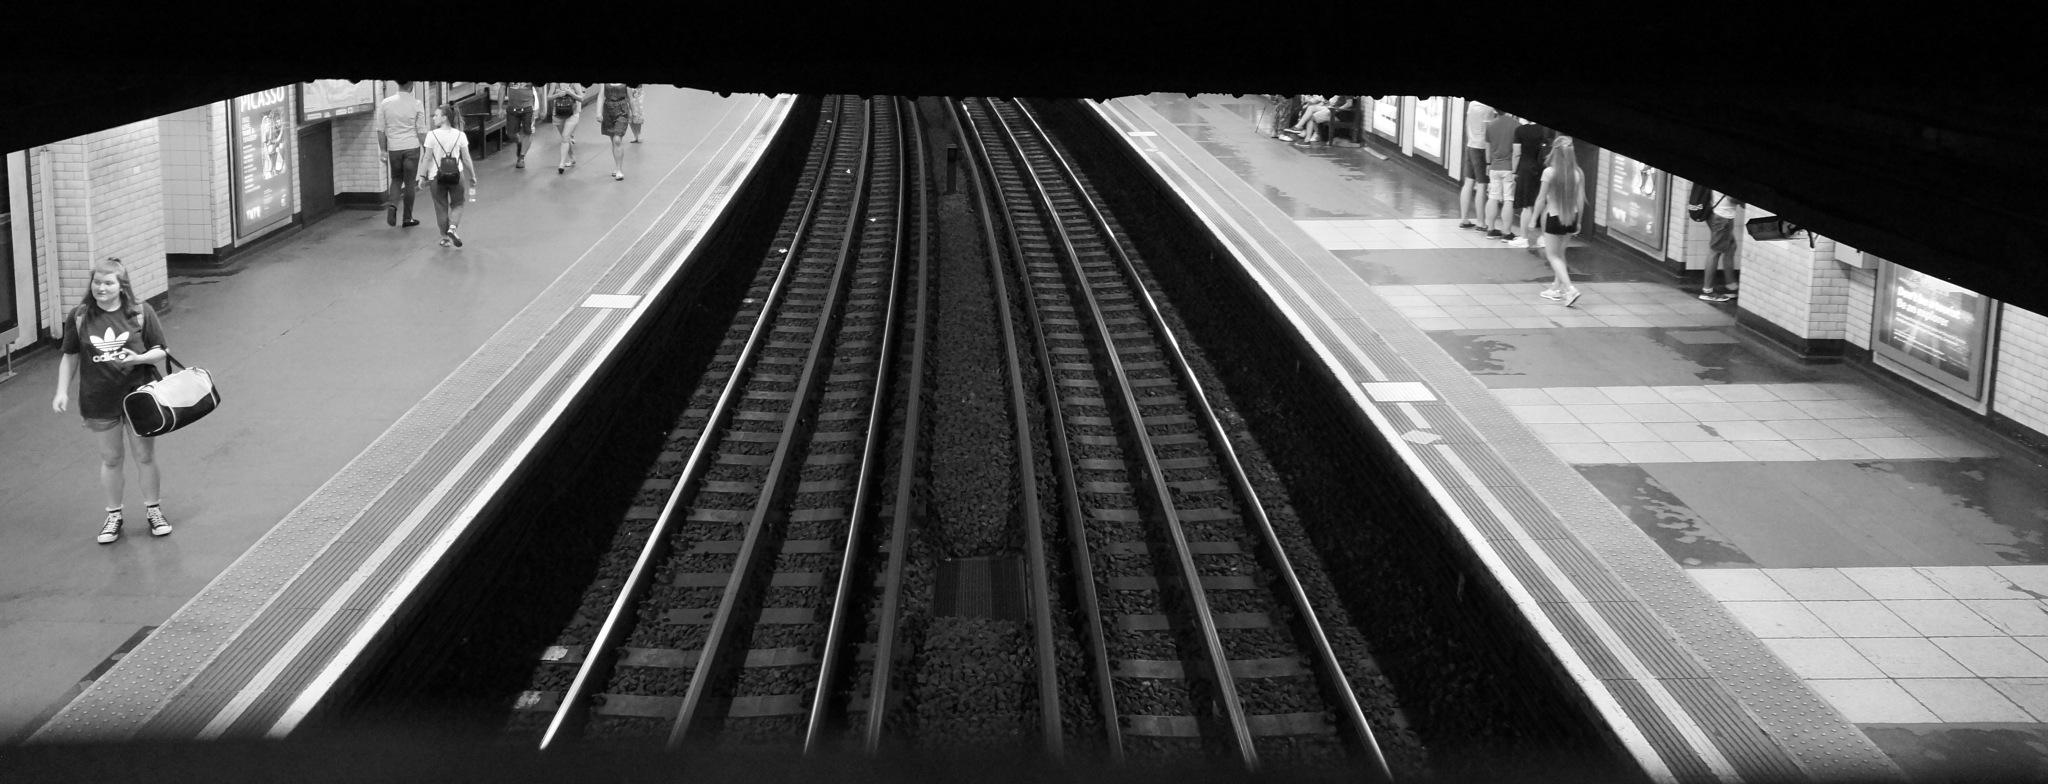 Above the Tube Lines by steve_whitmarsh